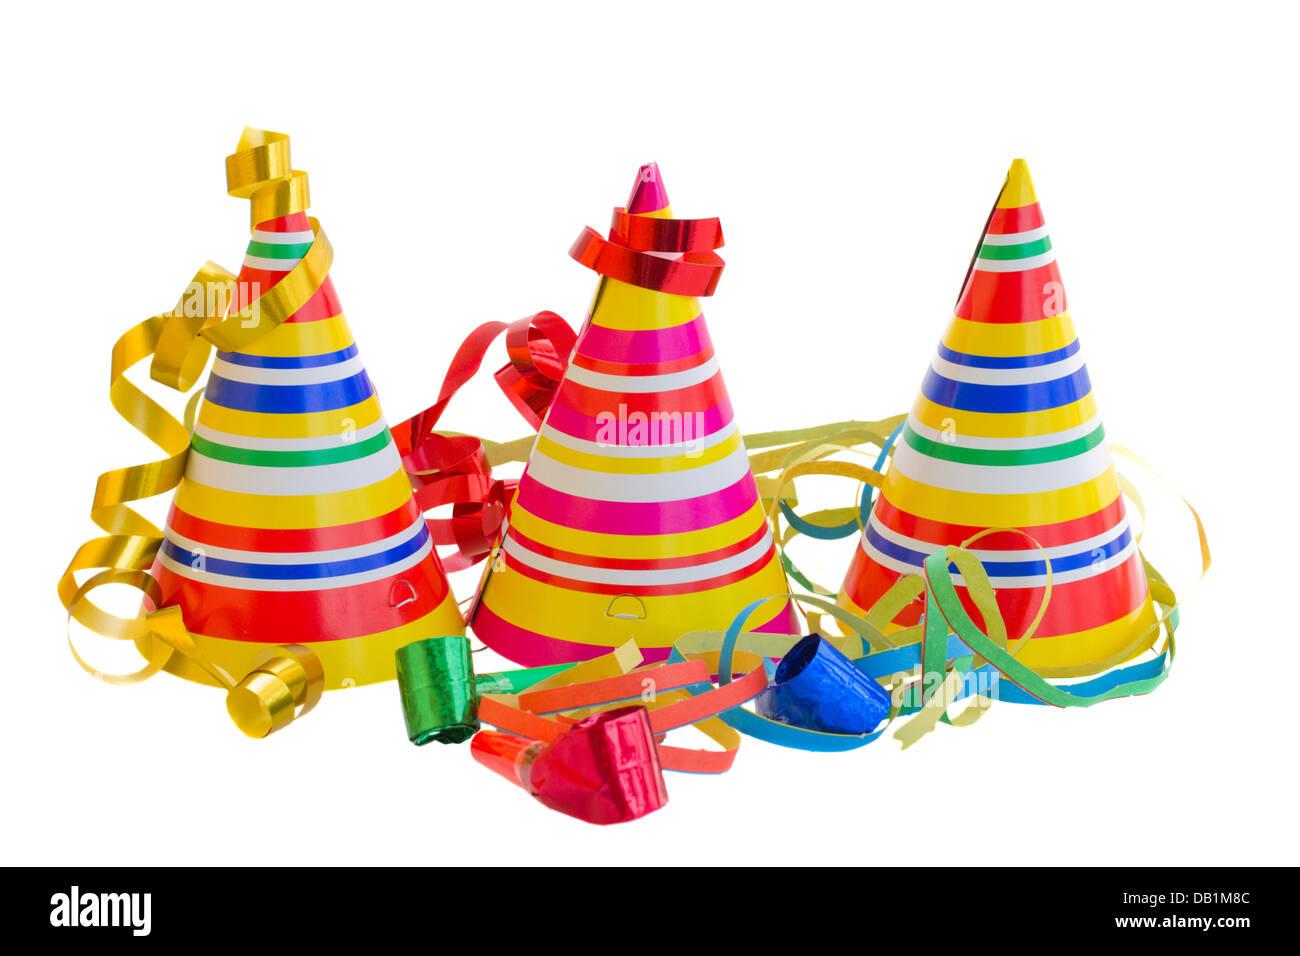 3f8812af323 Sombreros para fiesta de cumpleaños Foto   Imagen De Stock  58430188 ...